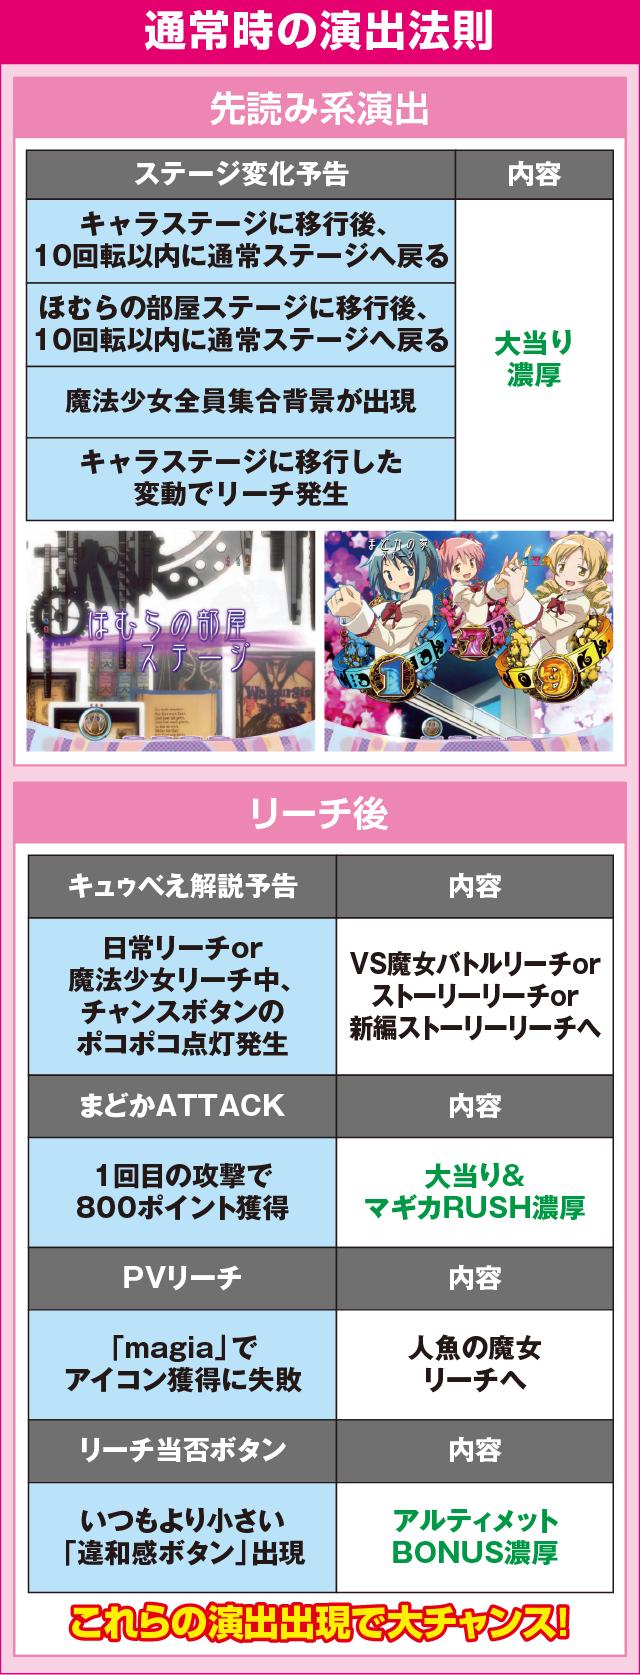 ぱちんこ 劇場版 魔法少女まどか☆マギカのピックアップポイント